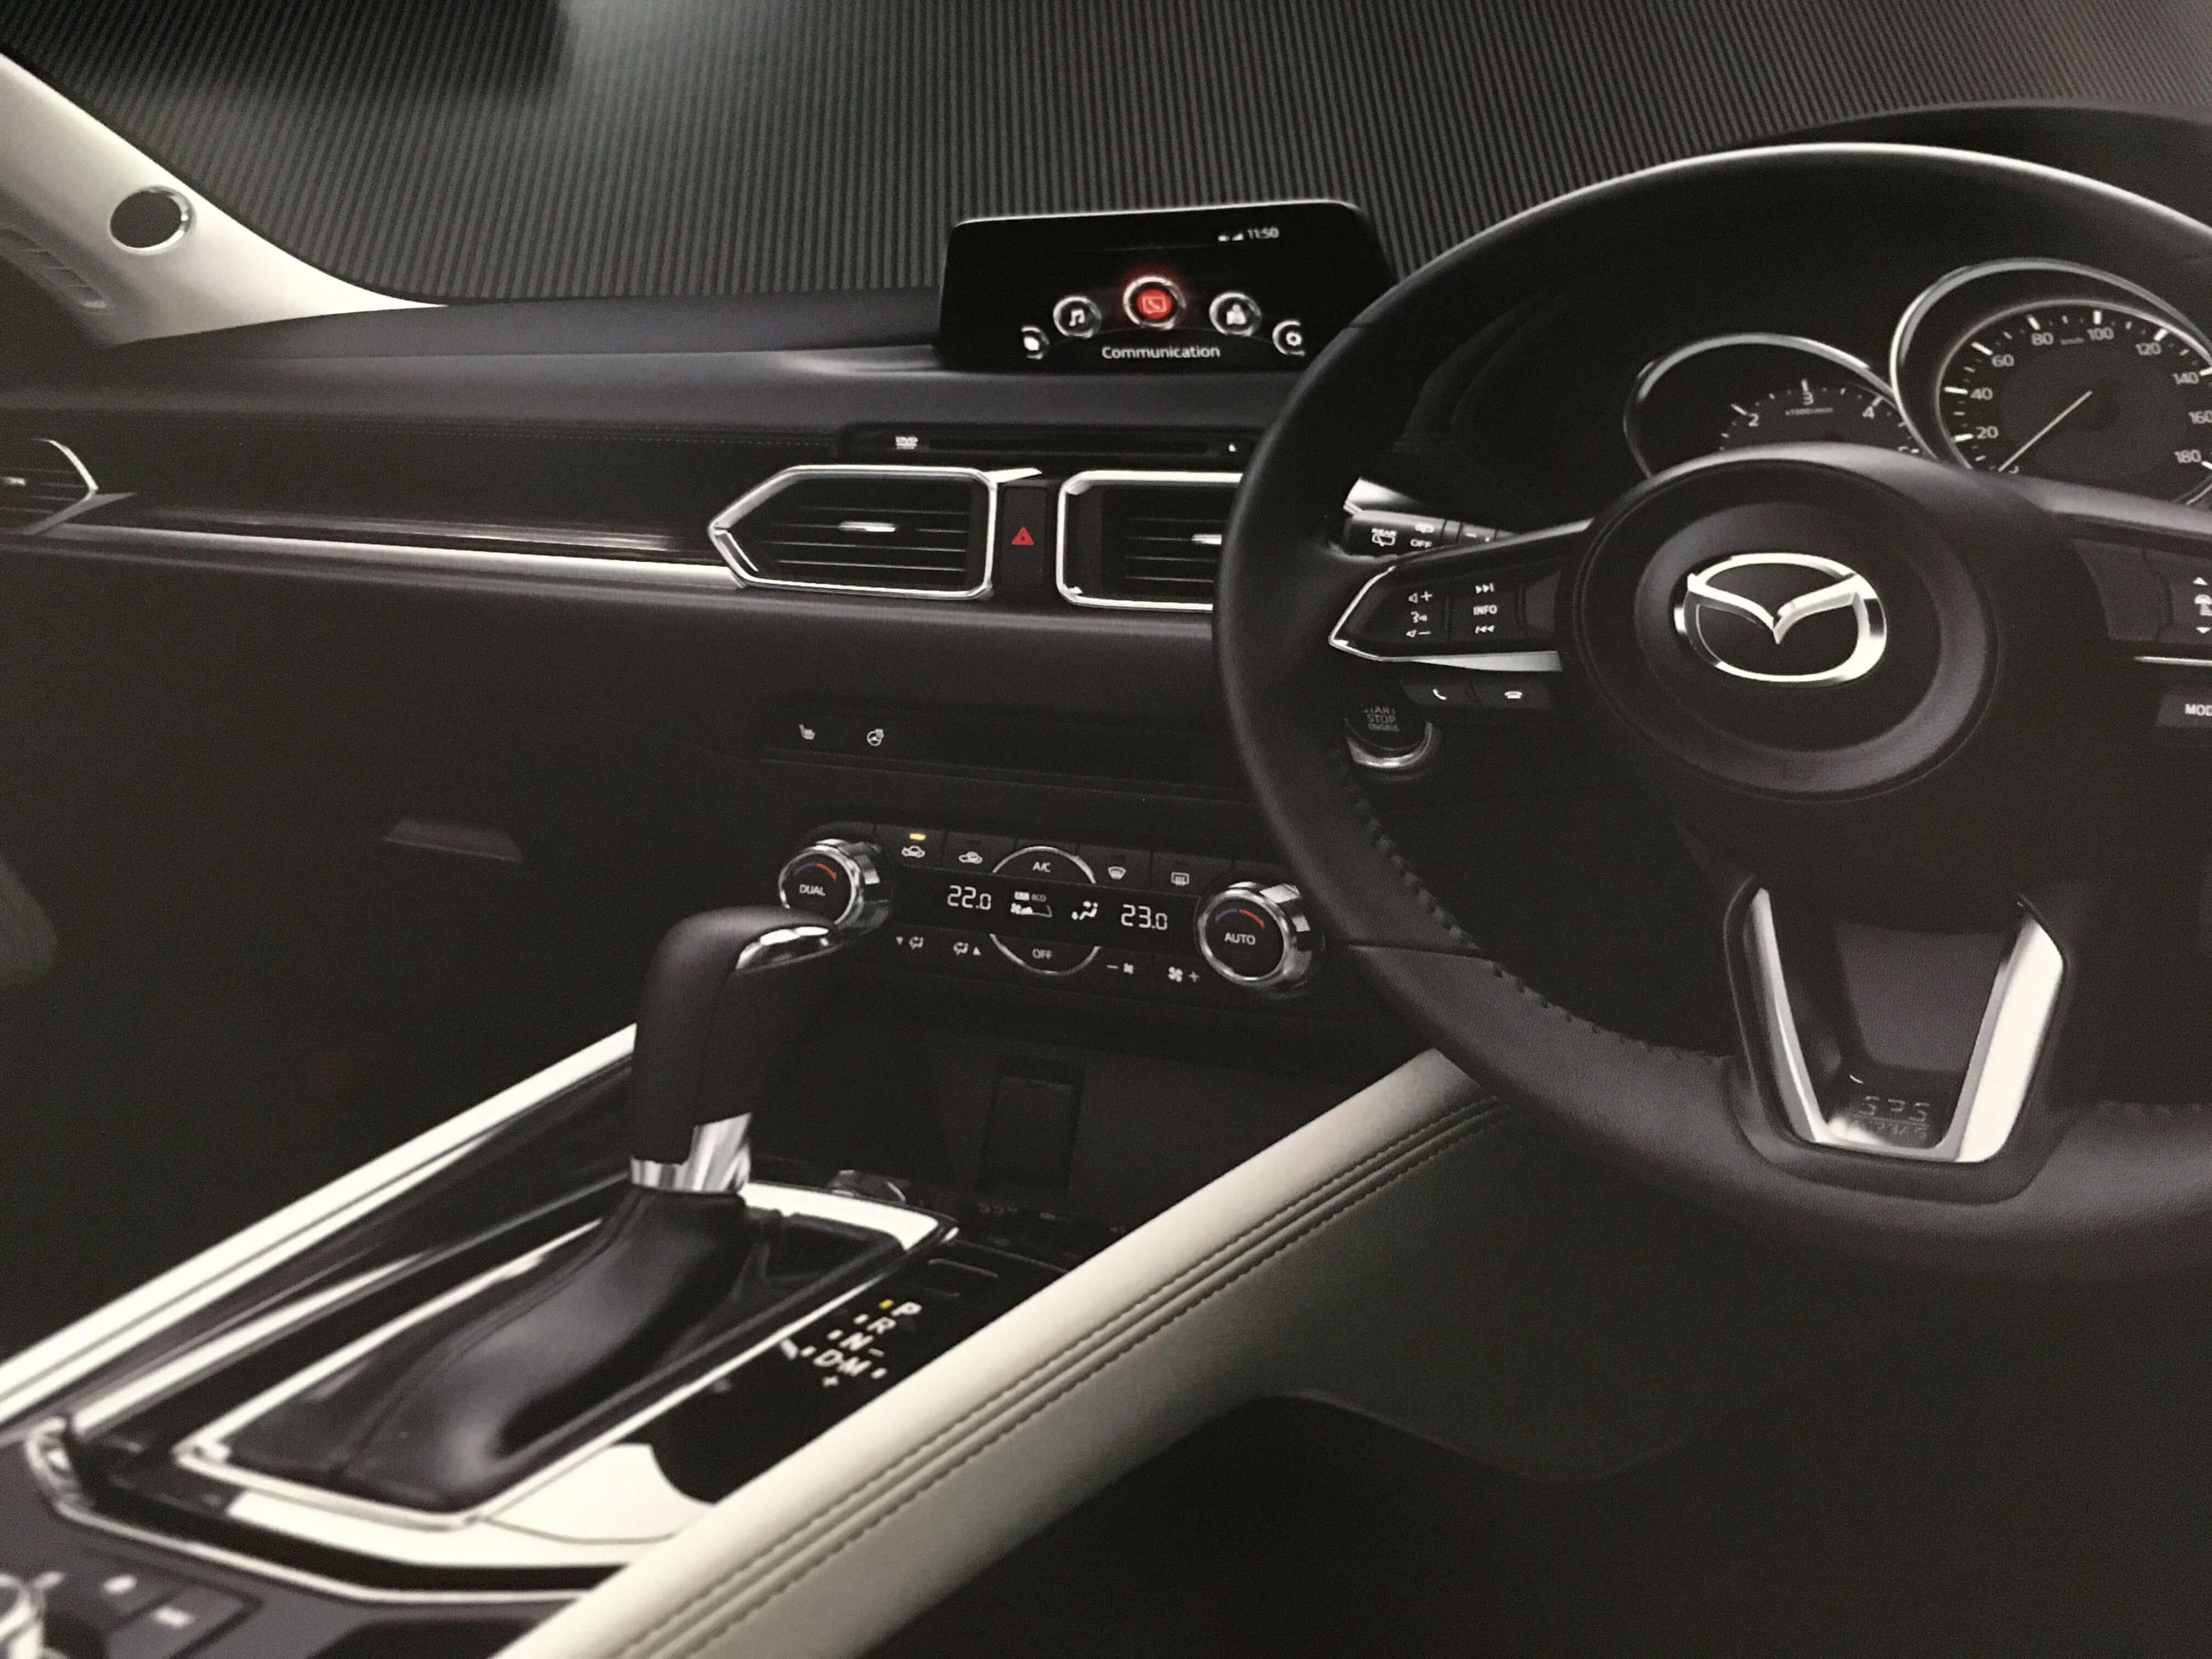 新型CX-5試乗レビュー⑥運転席とインテリア